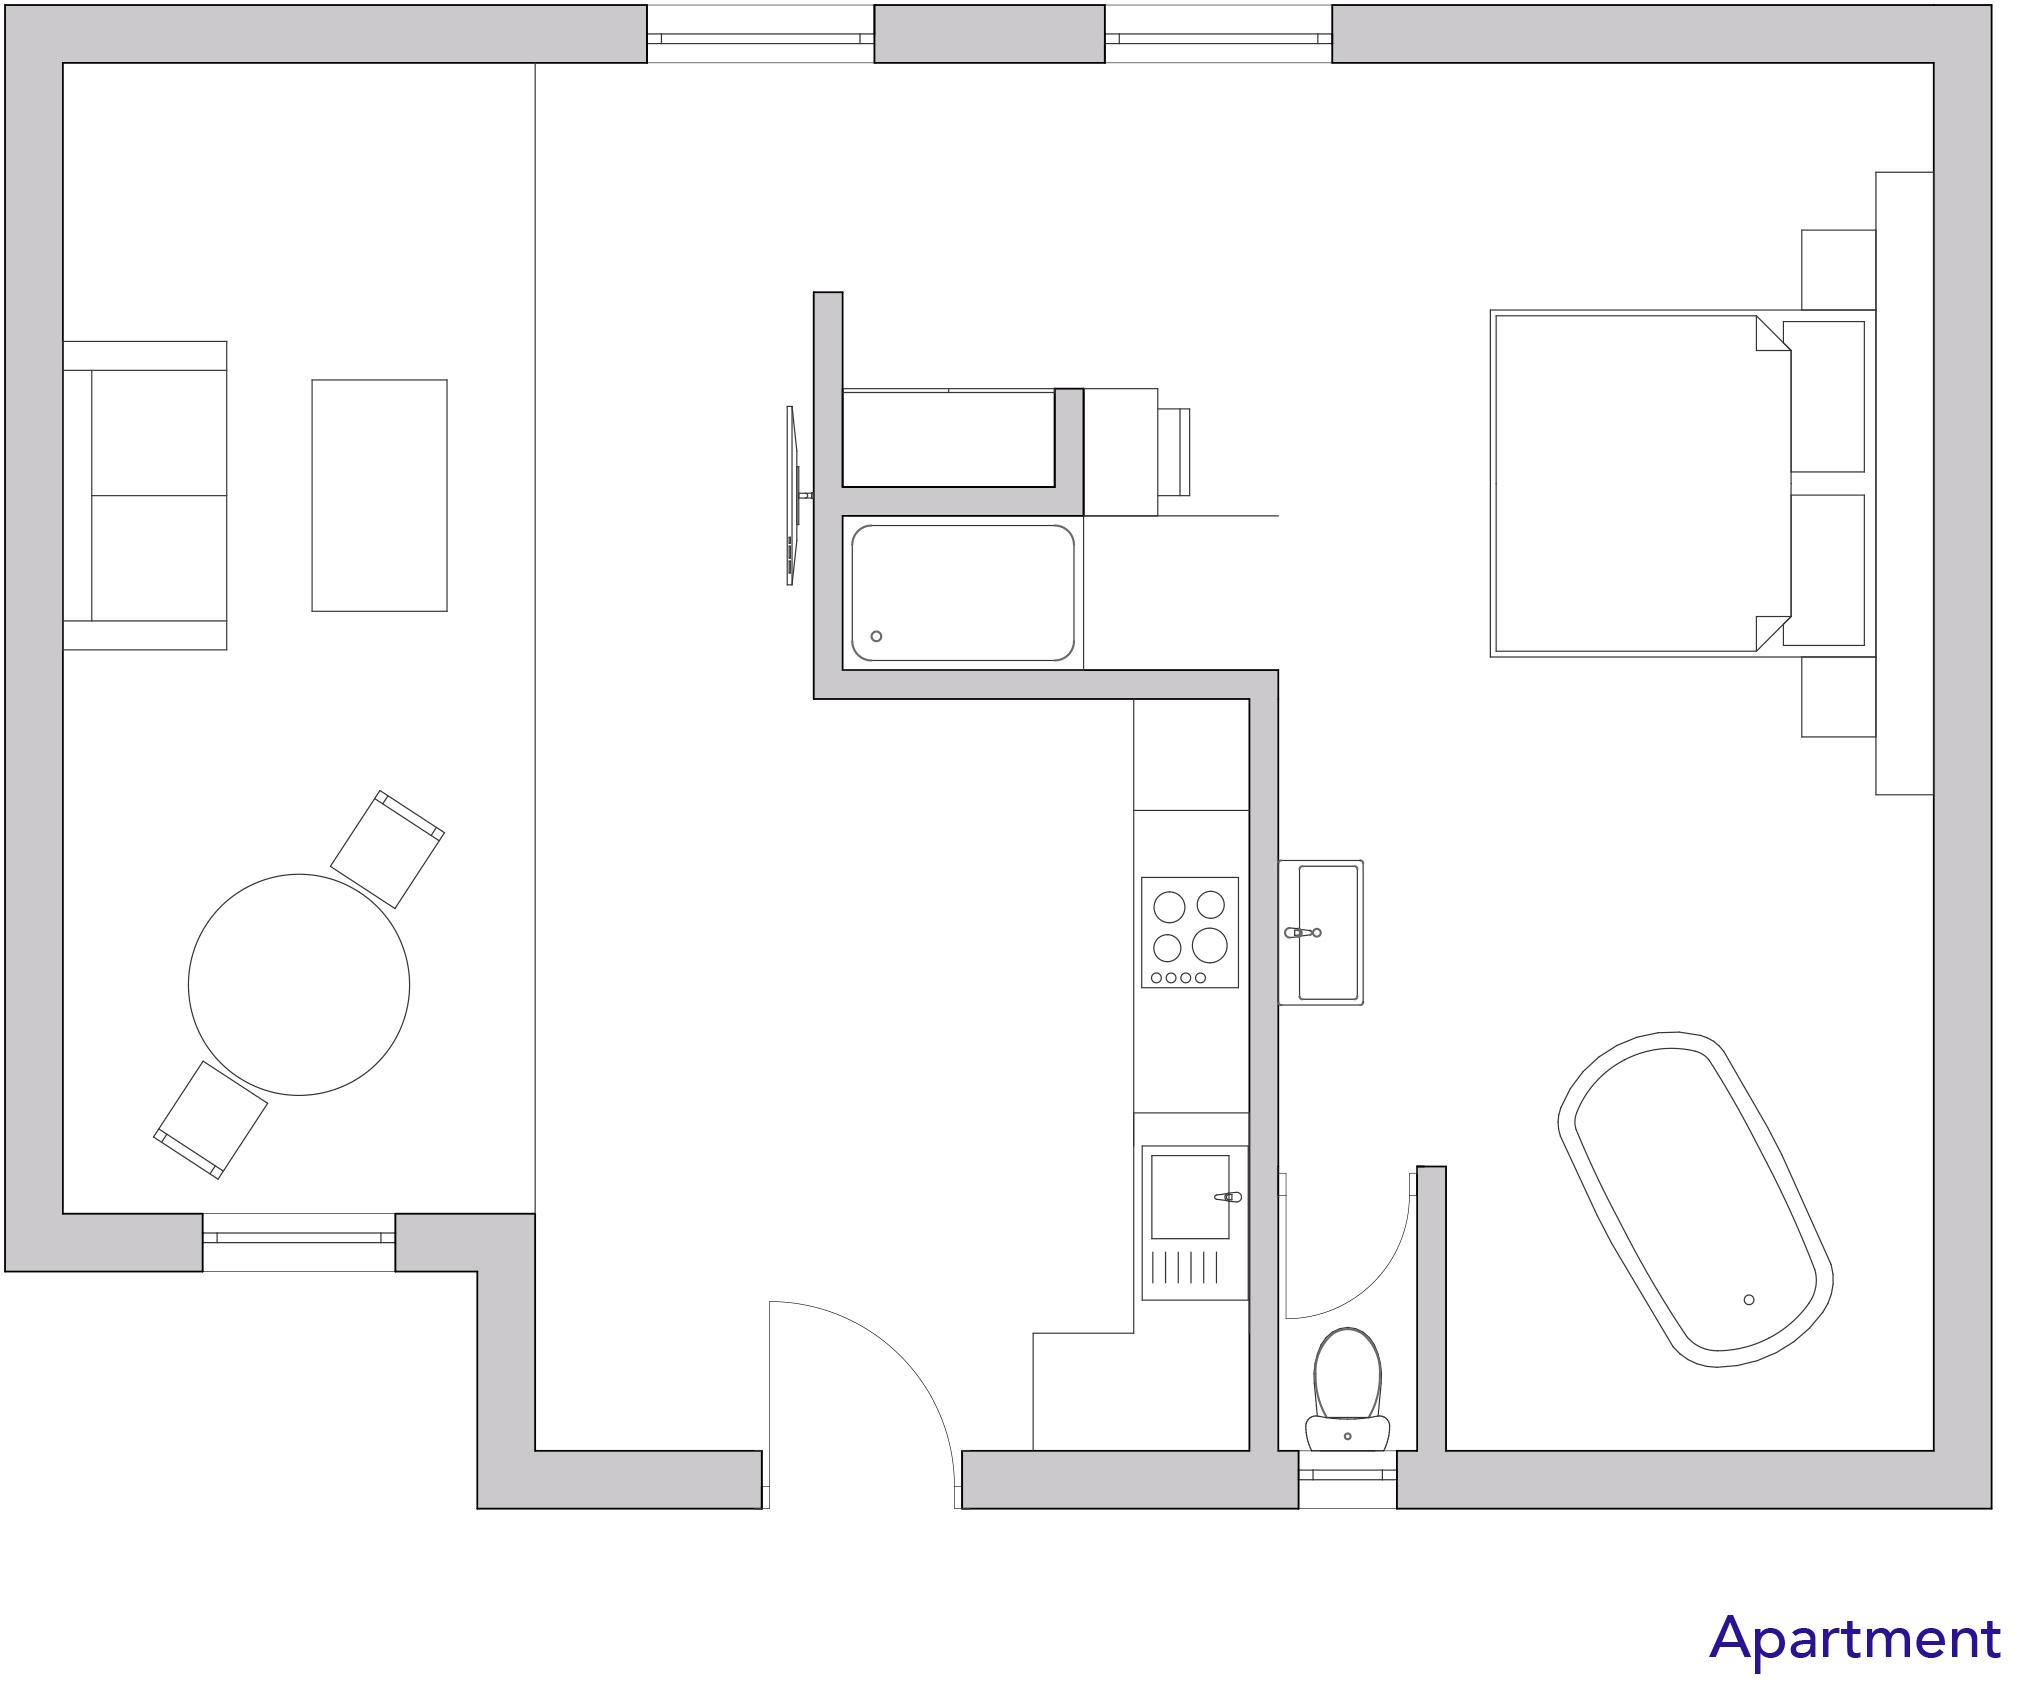 Apartment Debbie